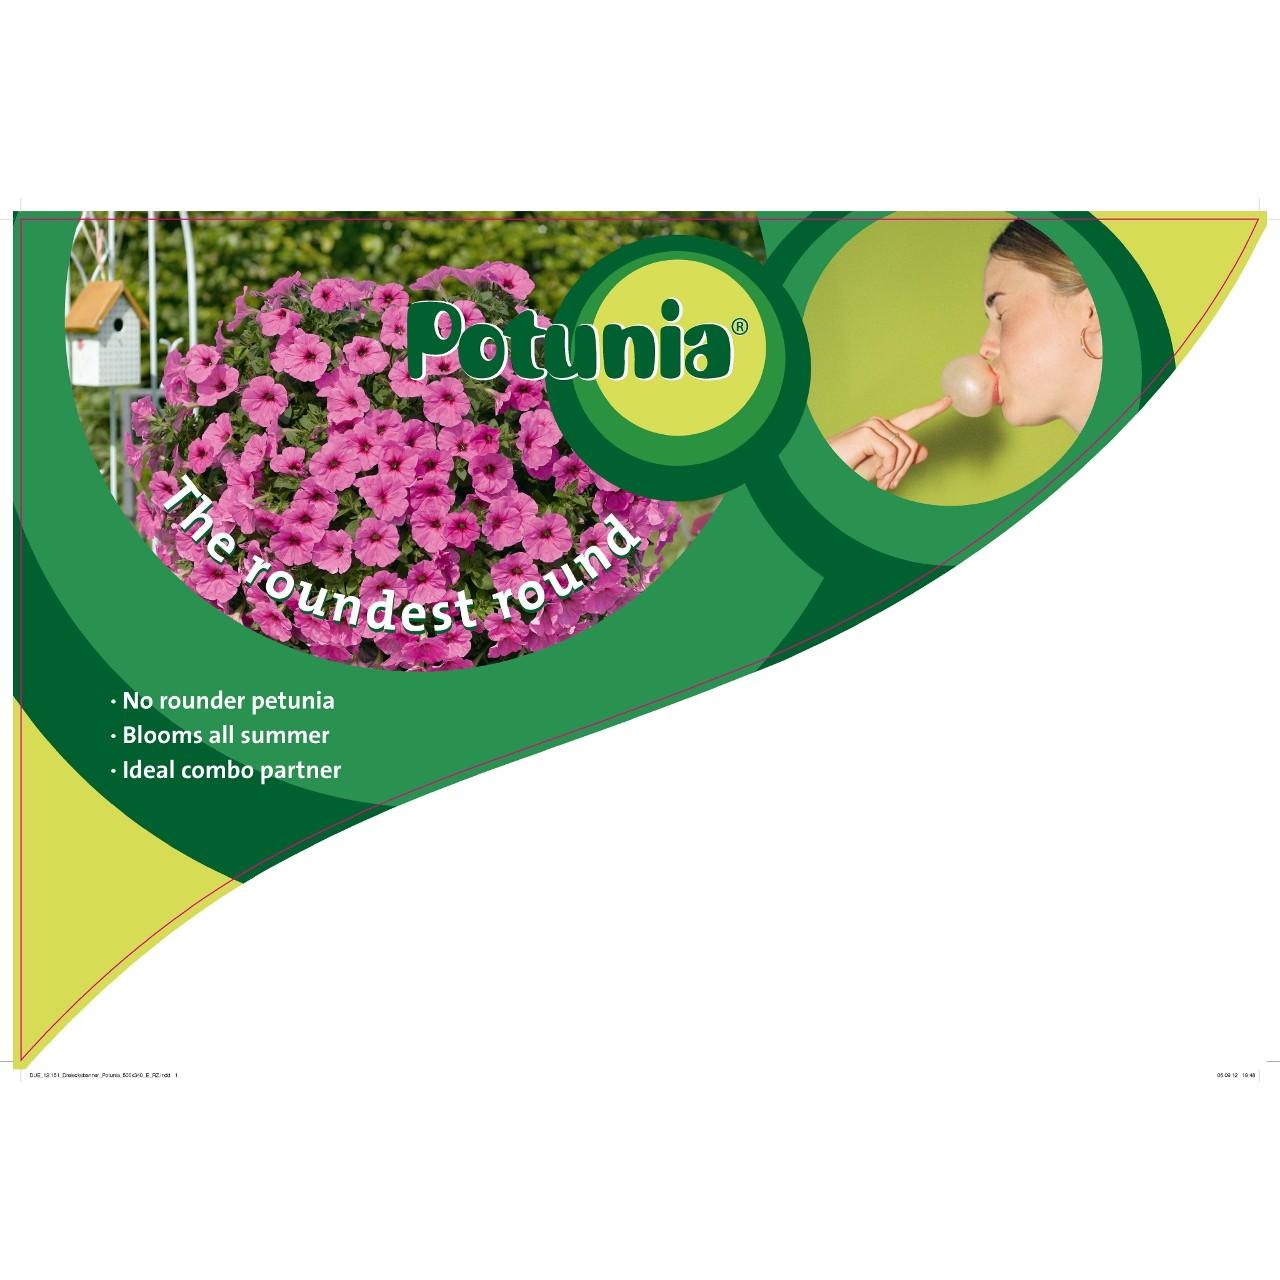 CC-Banner Potunia 50x35 cm GB